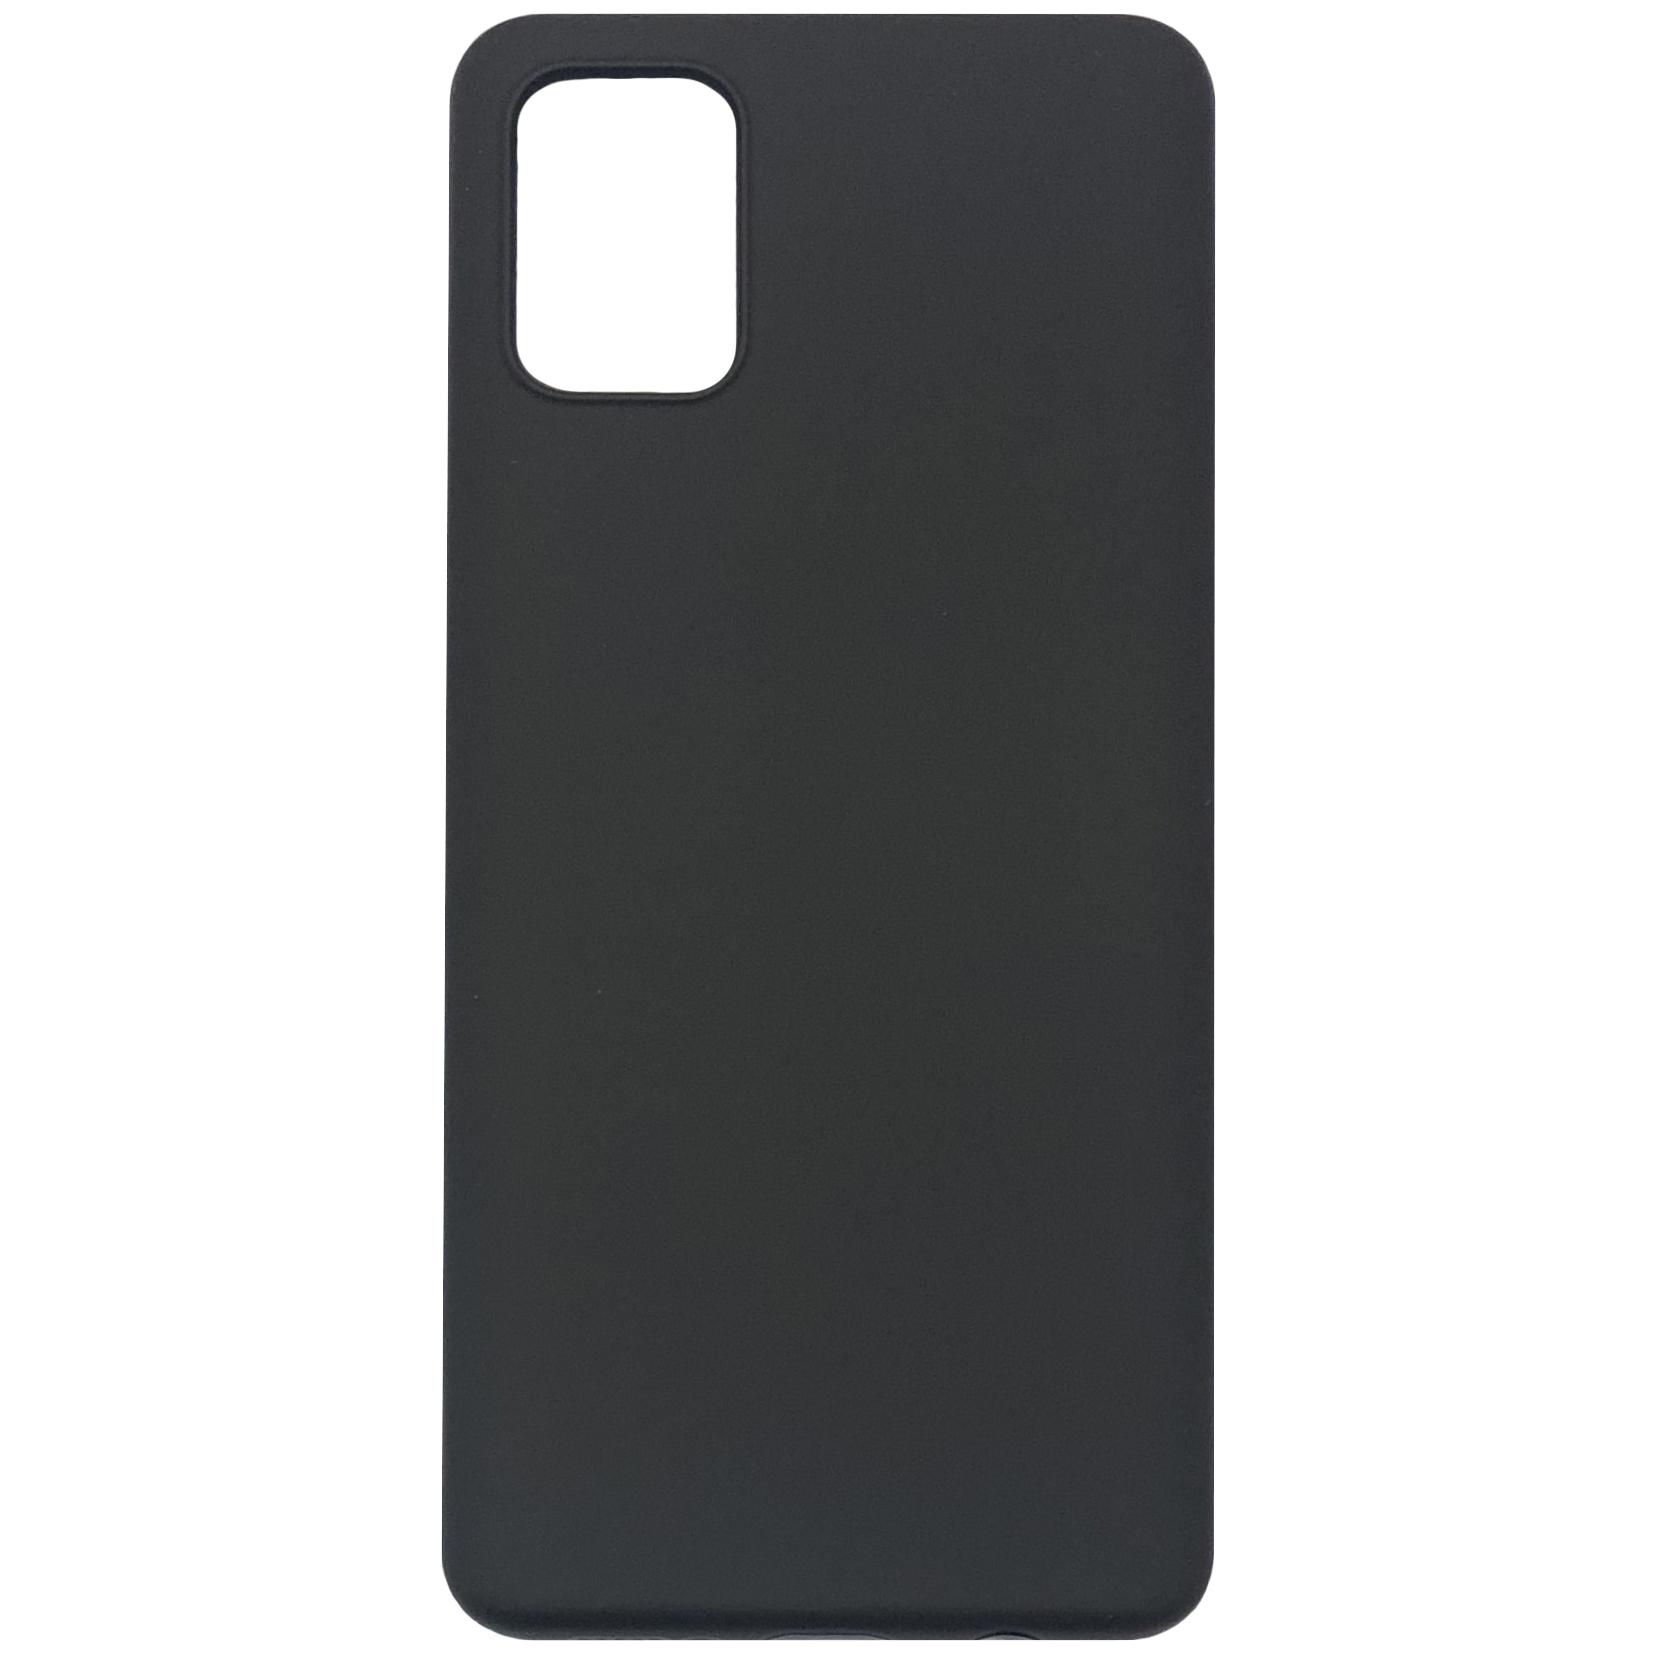 بررسی و {خرید با تخفیف} کاور مدل SP-001 مناسب برای گوشی موبایل سامسونگ Galaxy A51 اصل